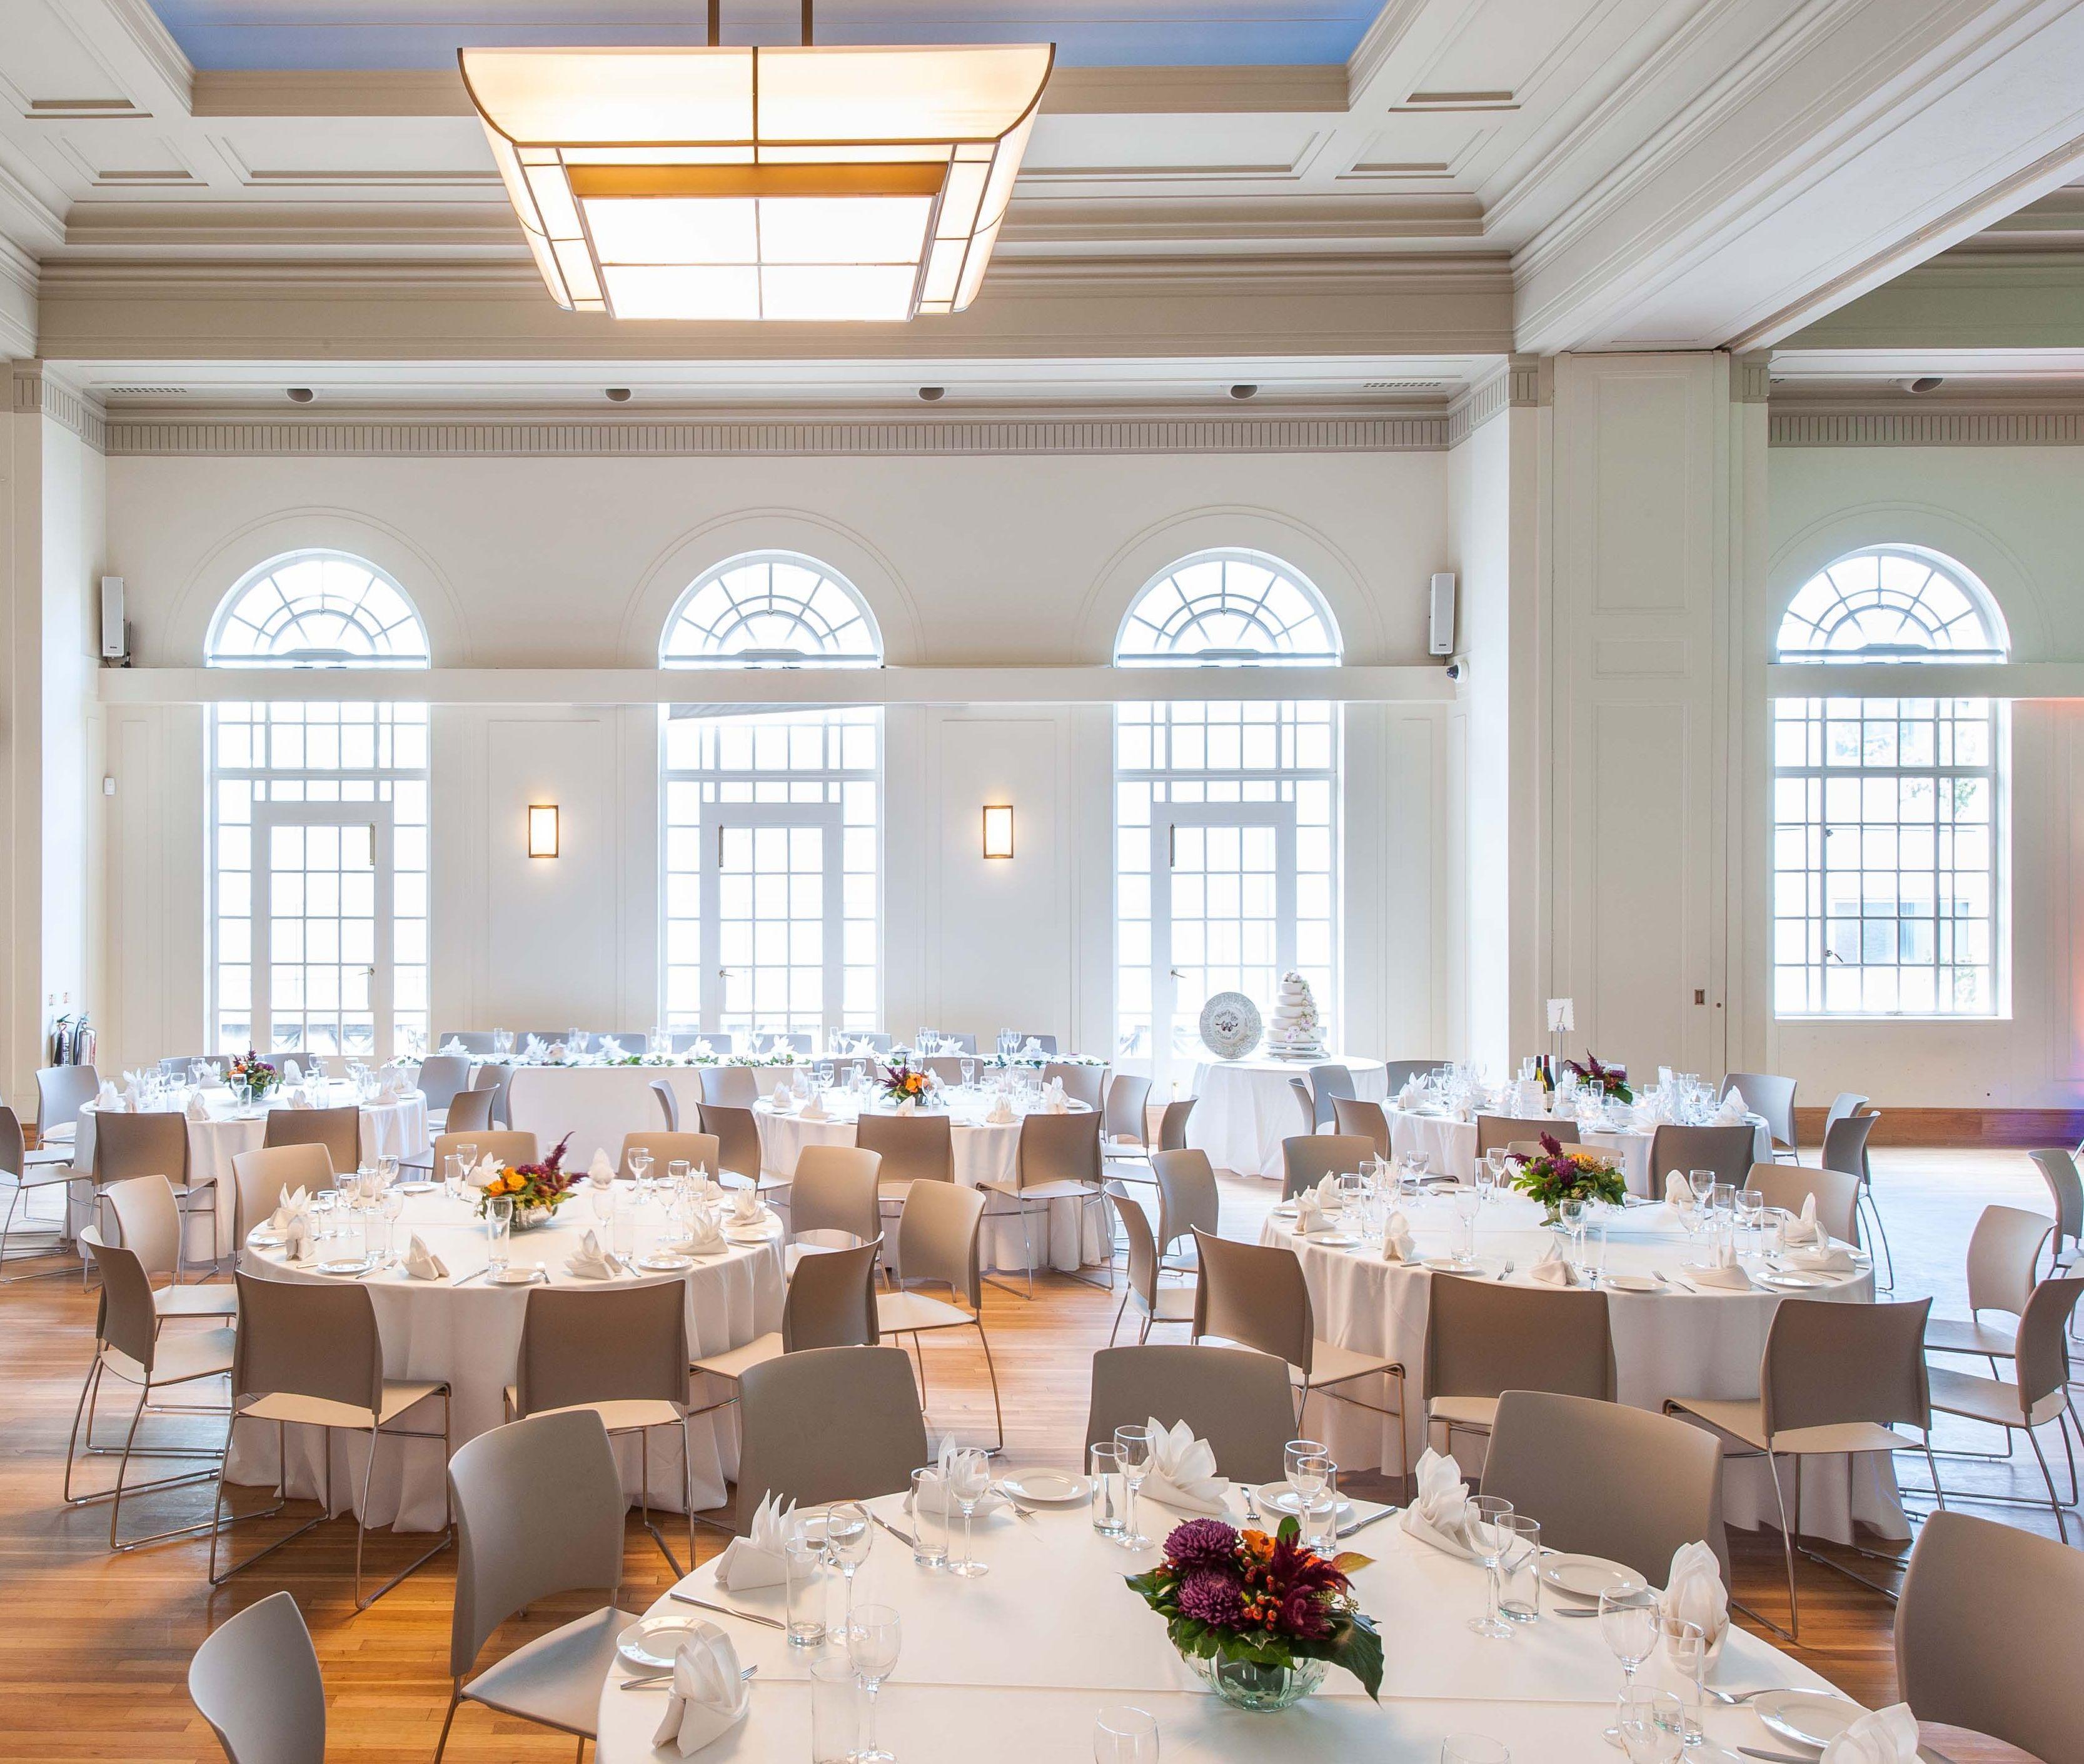 Wedding Venue: Find A Wedding Venue